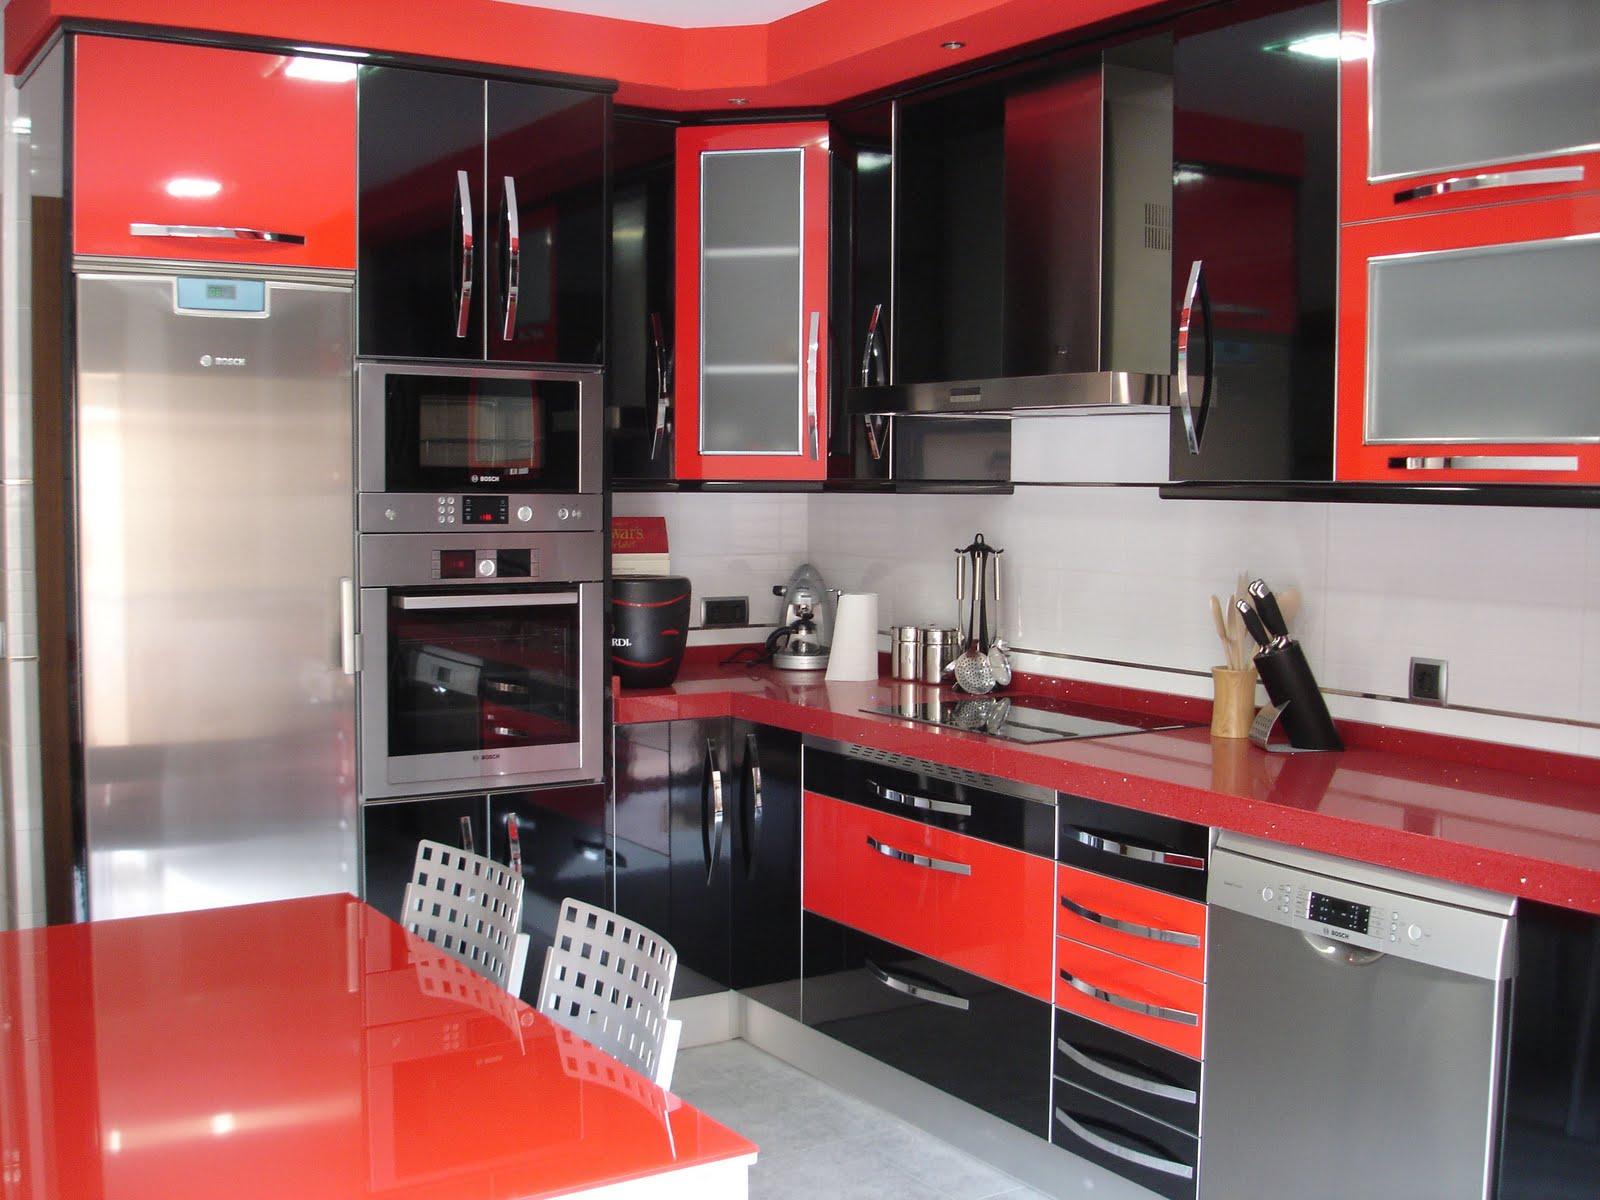 Mueblemina moderno mueble de cocina - Muebles cocina modernos ...